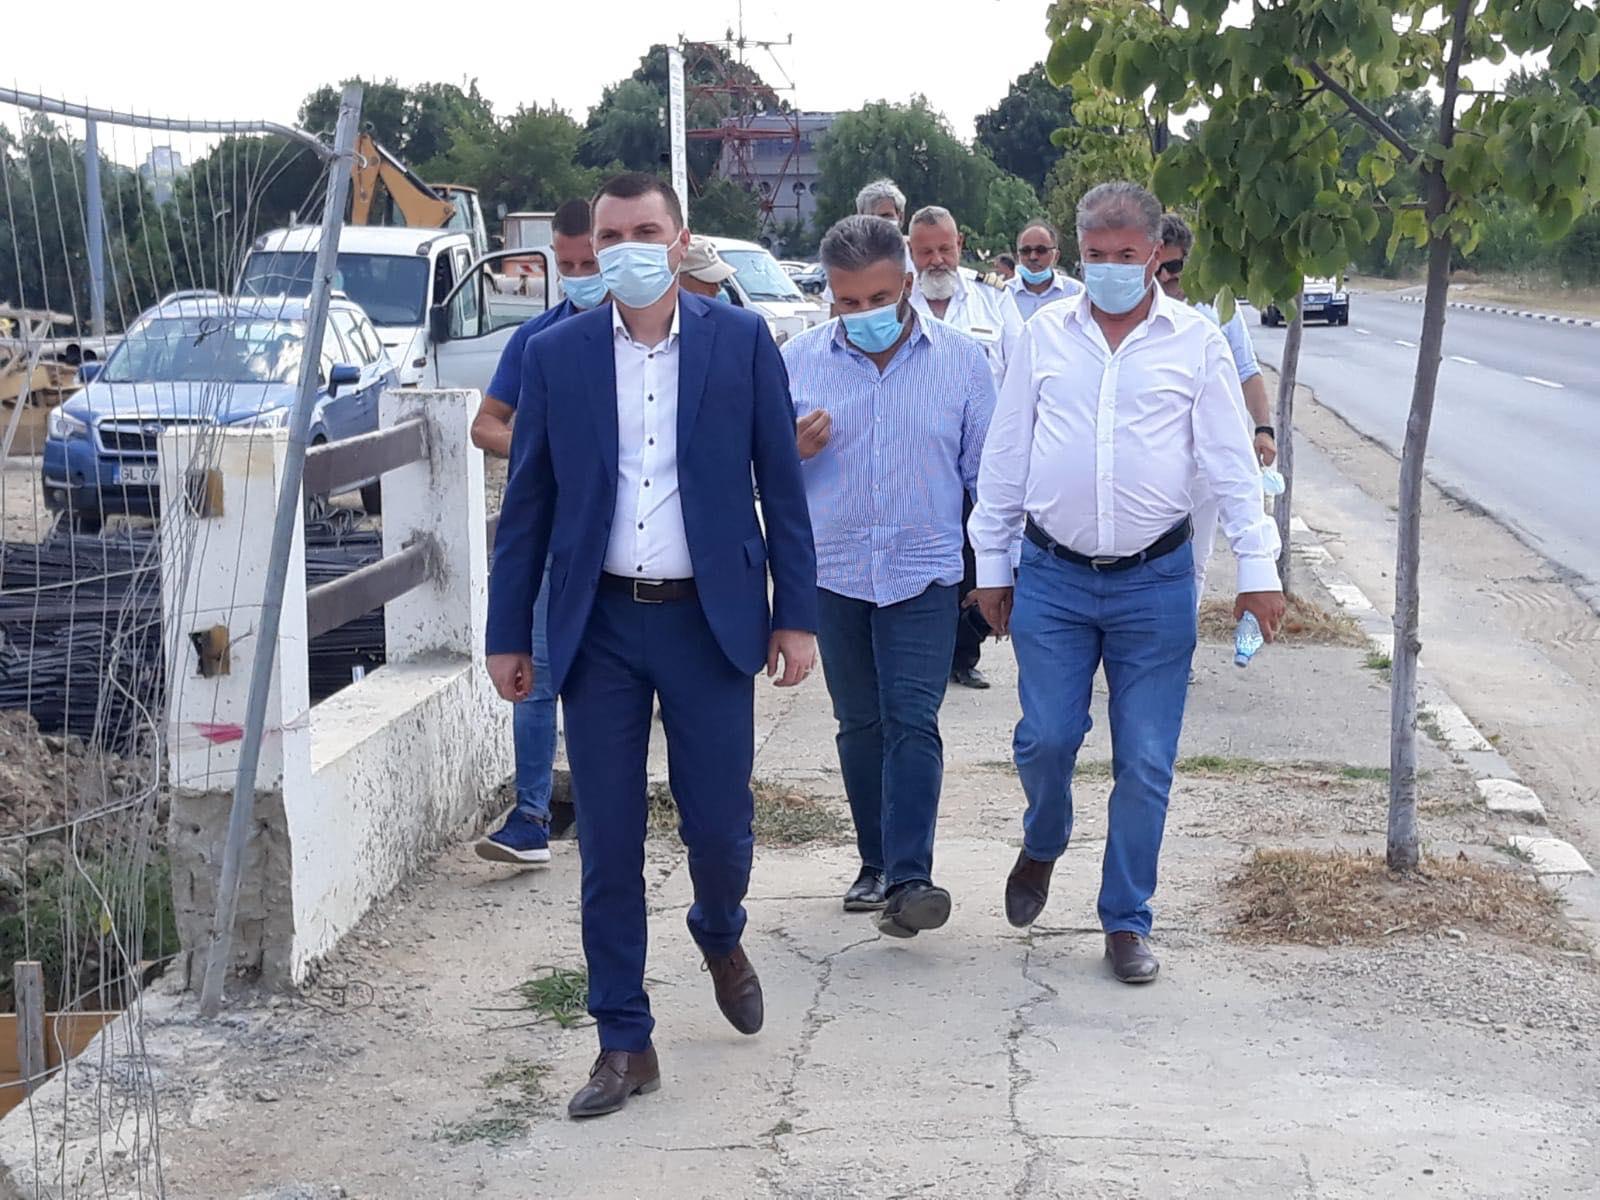 Vizită inopinată la Complexul Căi Navigabile Giurgiu a Secretarului General Adjunct din cadrul Ministerului Transporturilor, Fabian Tîrcă